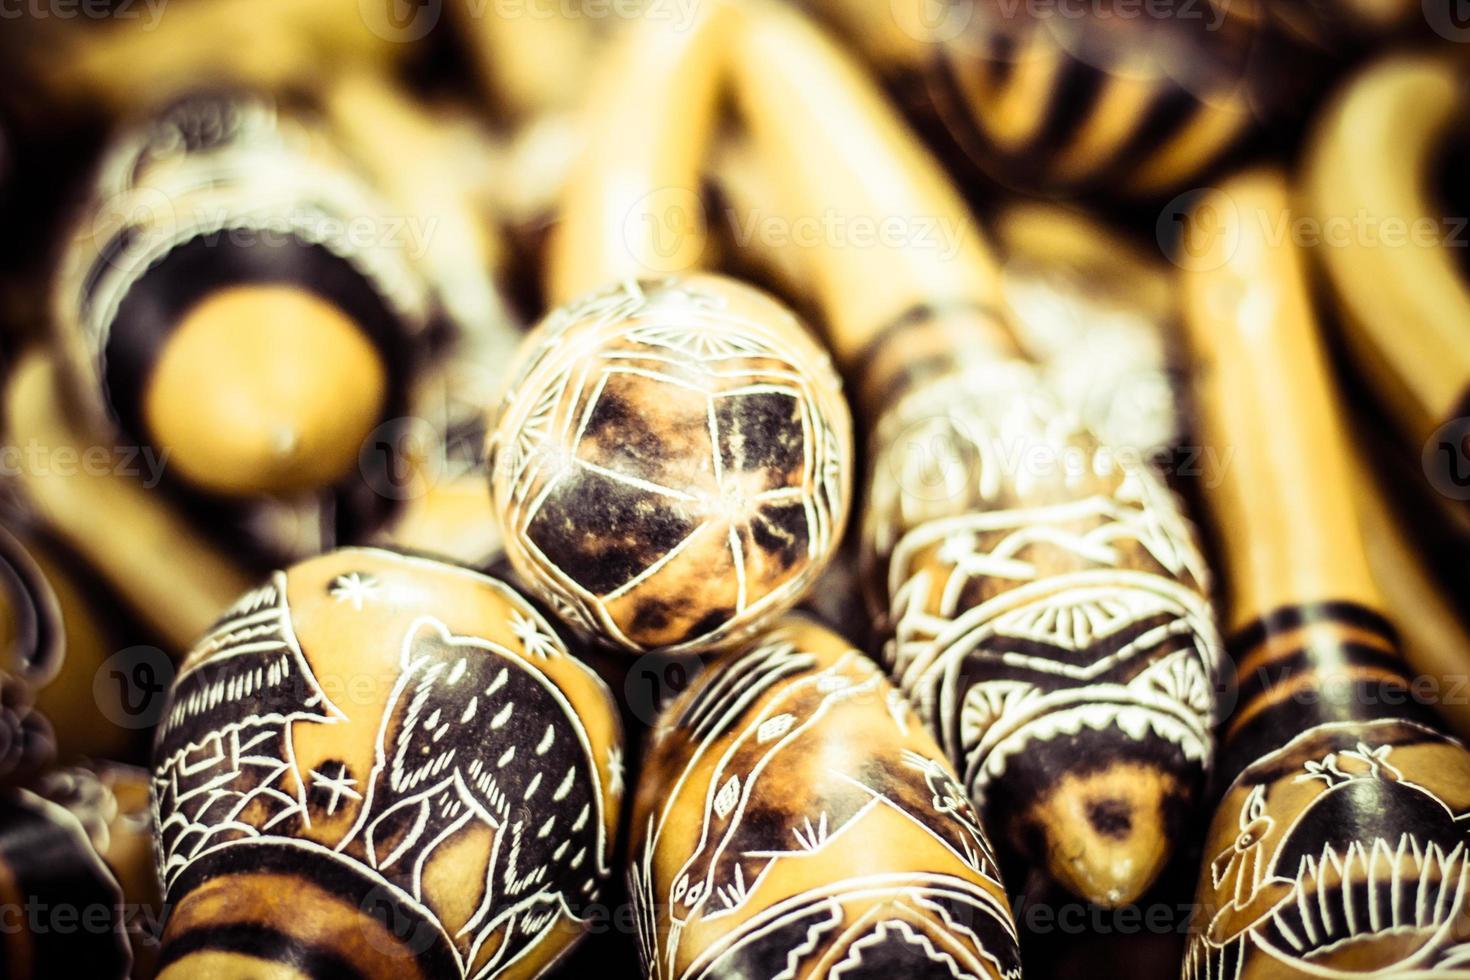 maracas peruanas artesanais no mercado local foto